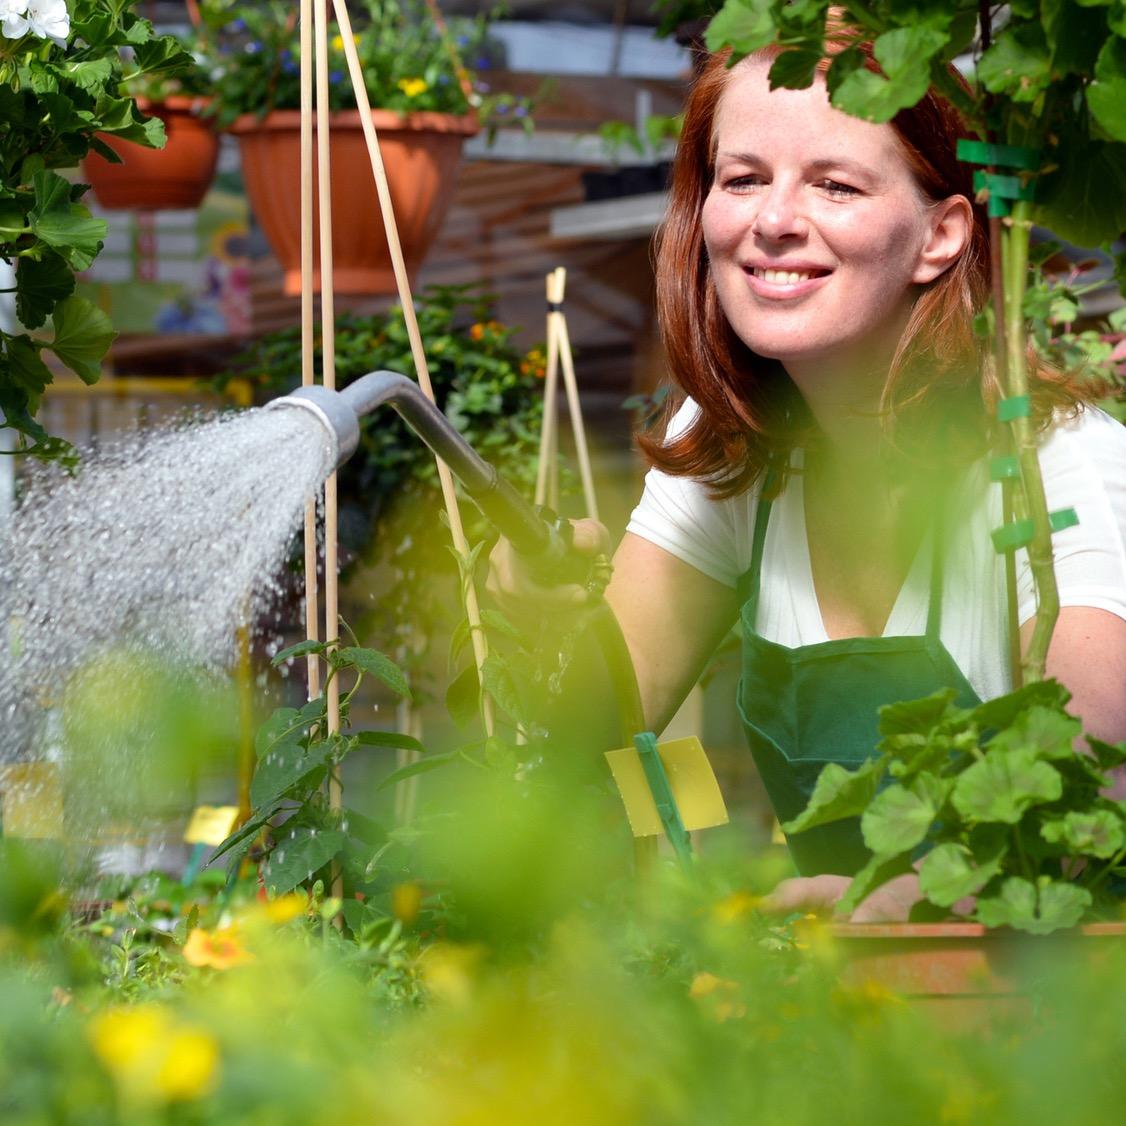 Hobby-Gärtnerin beim Gießen